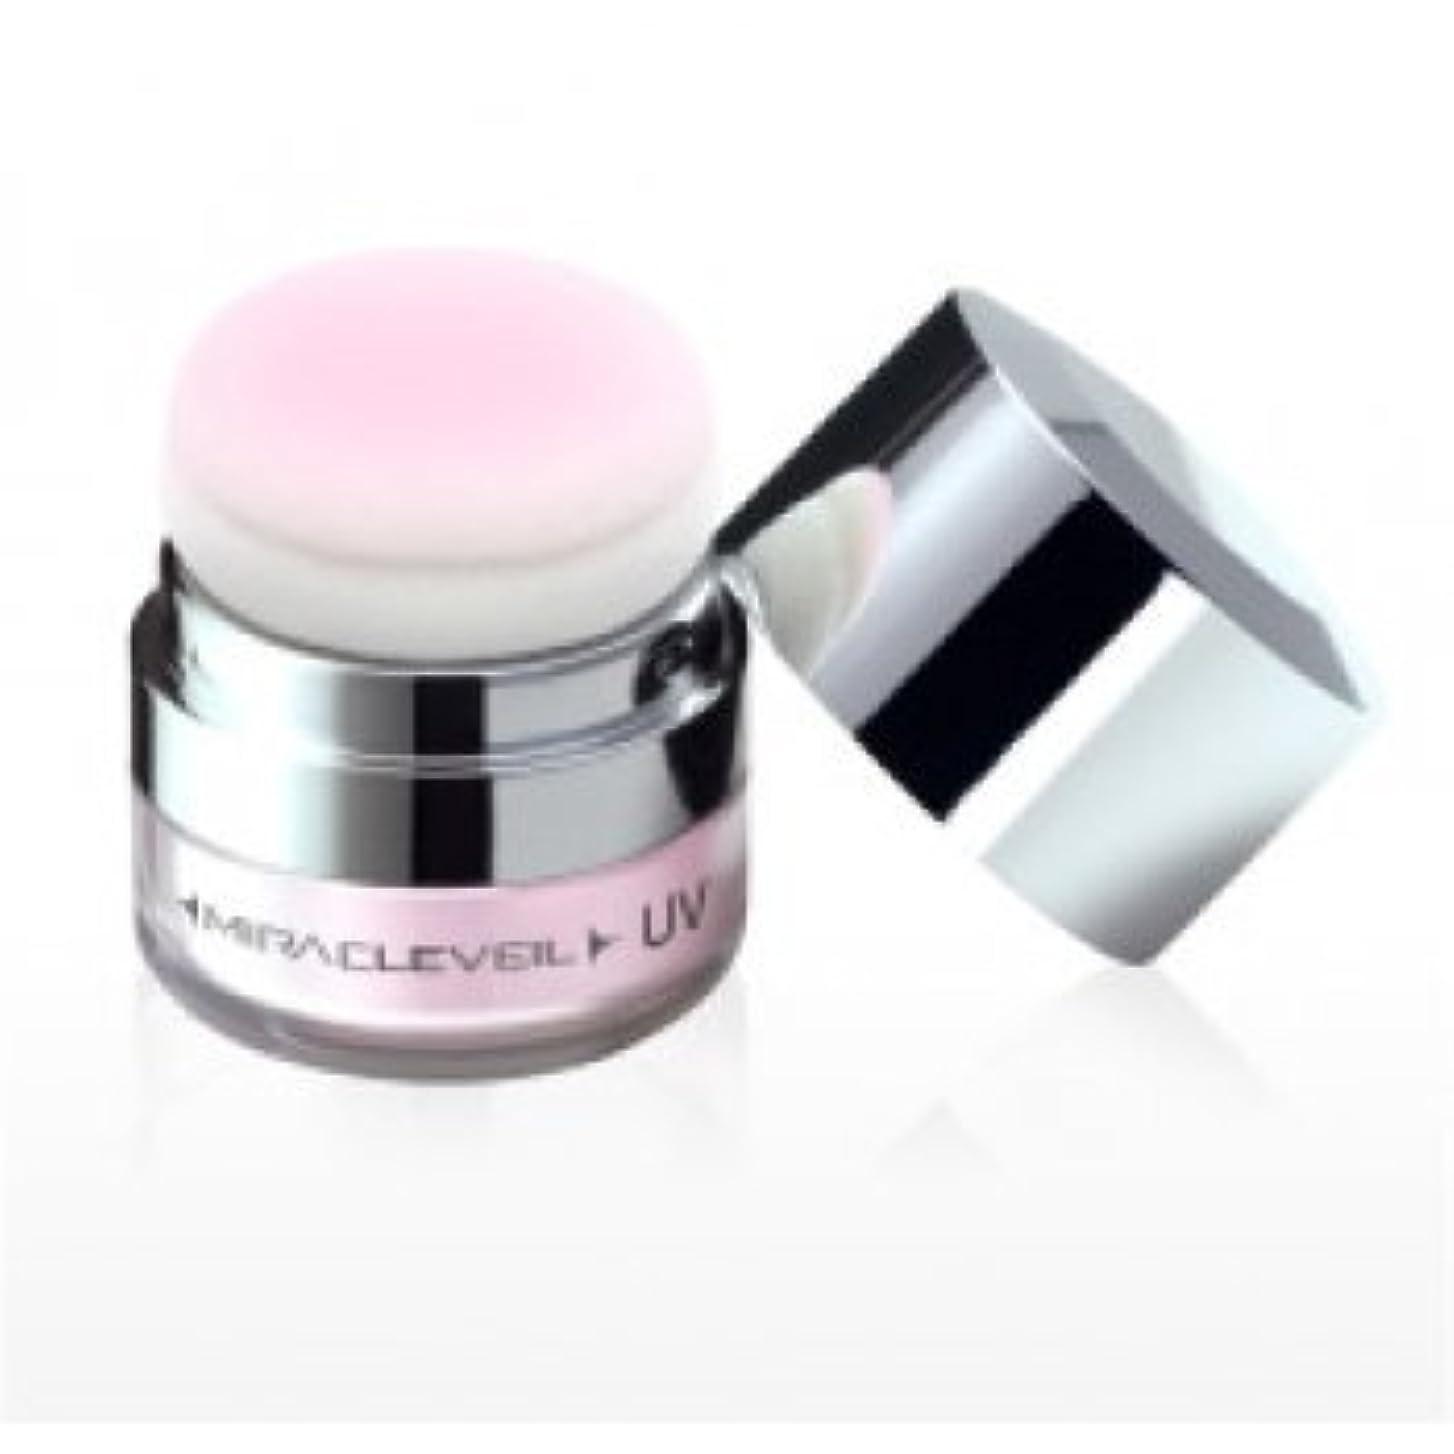 多様性フラスコツインミラクルヴェール UV(天然ダイヤモンド配合 日焼け止めパウダータイプ)SPF18 PA++